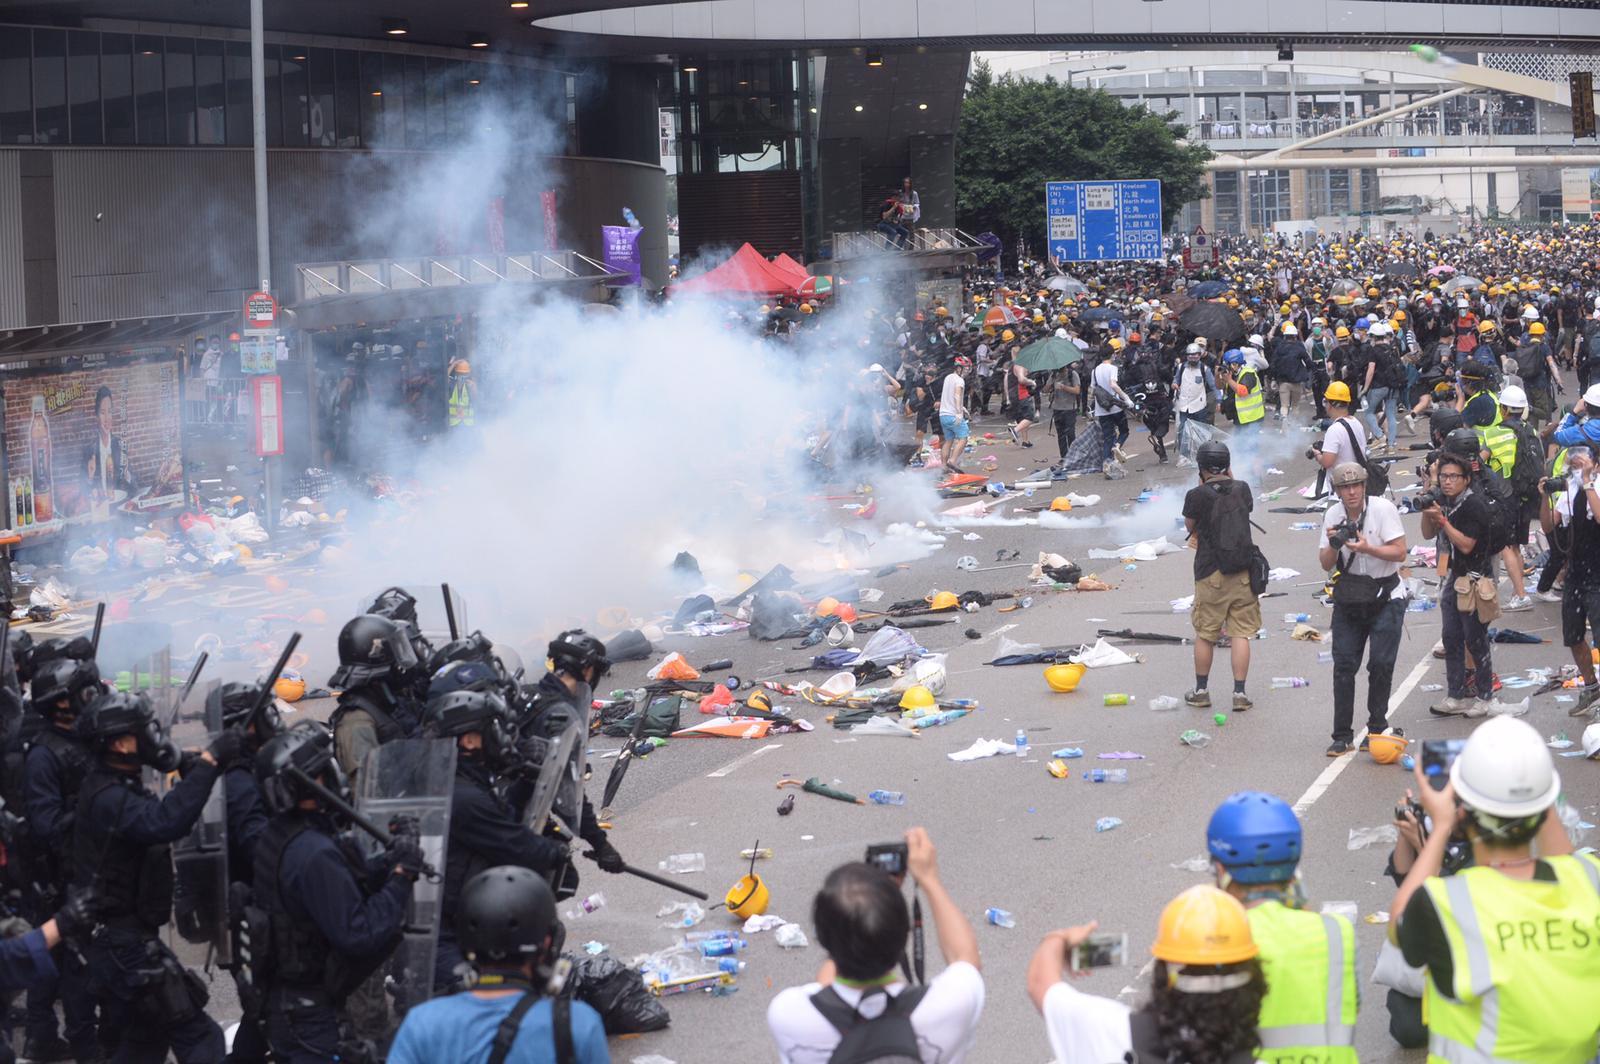 警方一度施放催淚彈、橡膠子彈及布袋彈驅散示威者。資料圖片